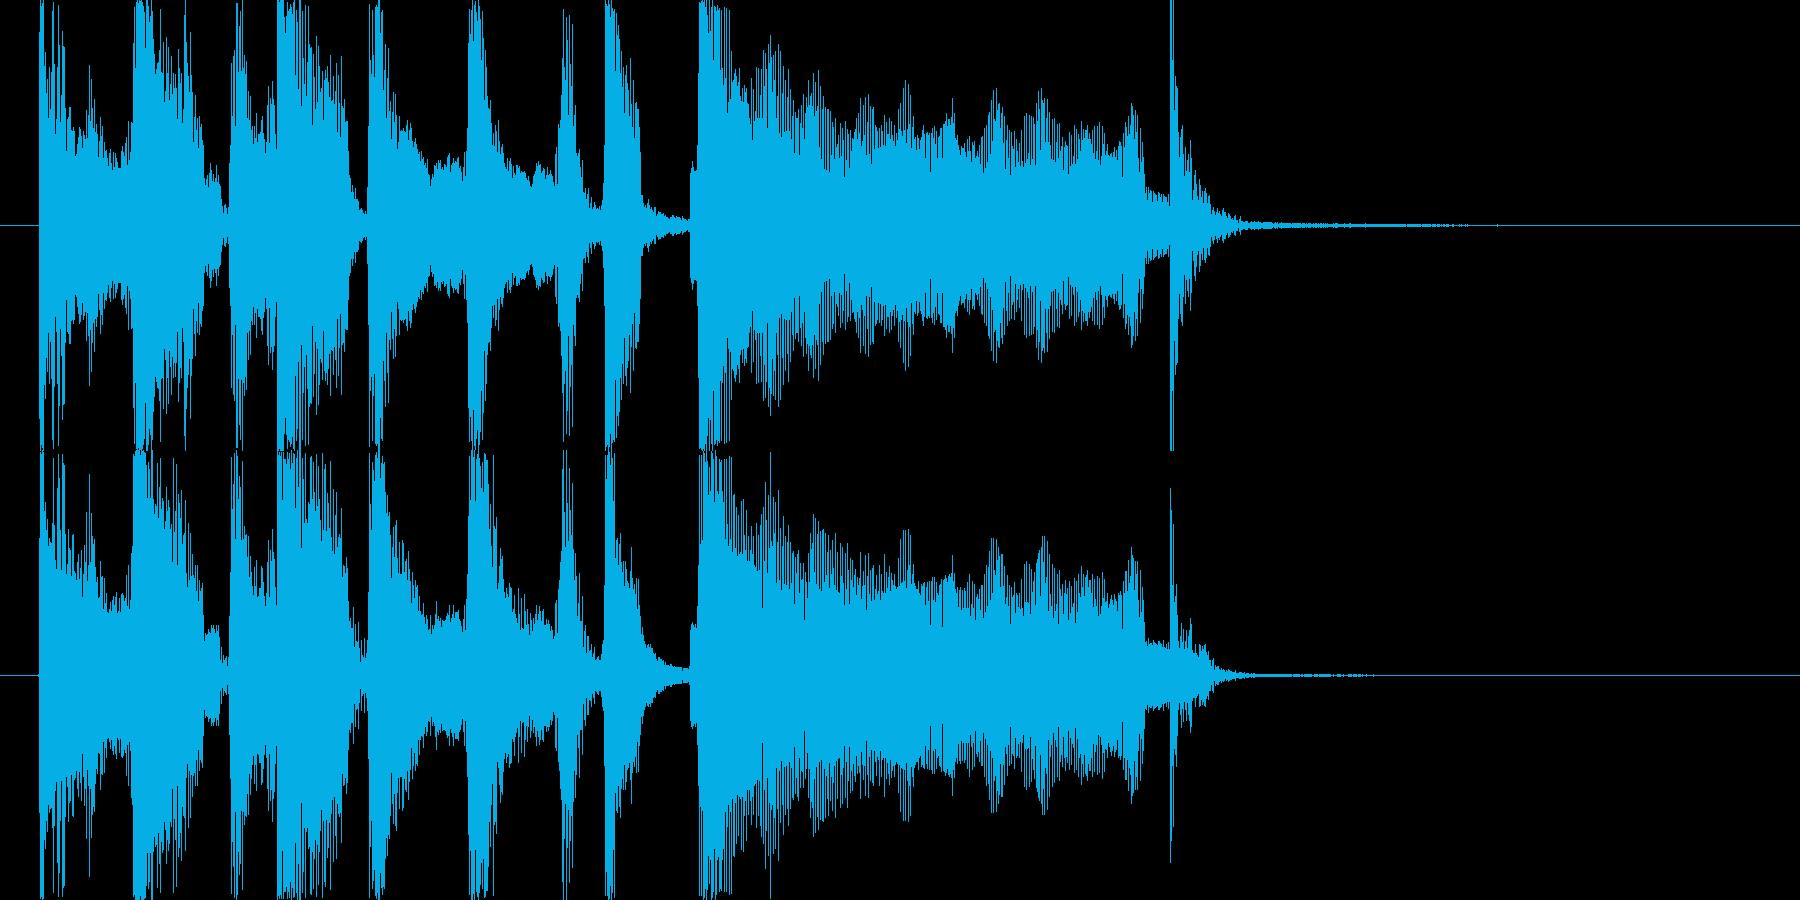 ロックオルガンのジングルの再生済みの波形